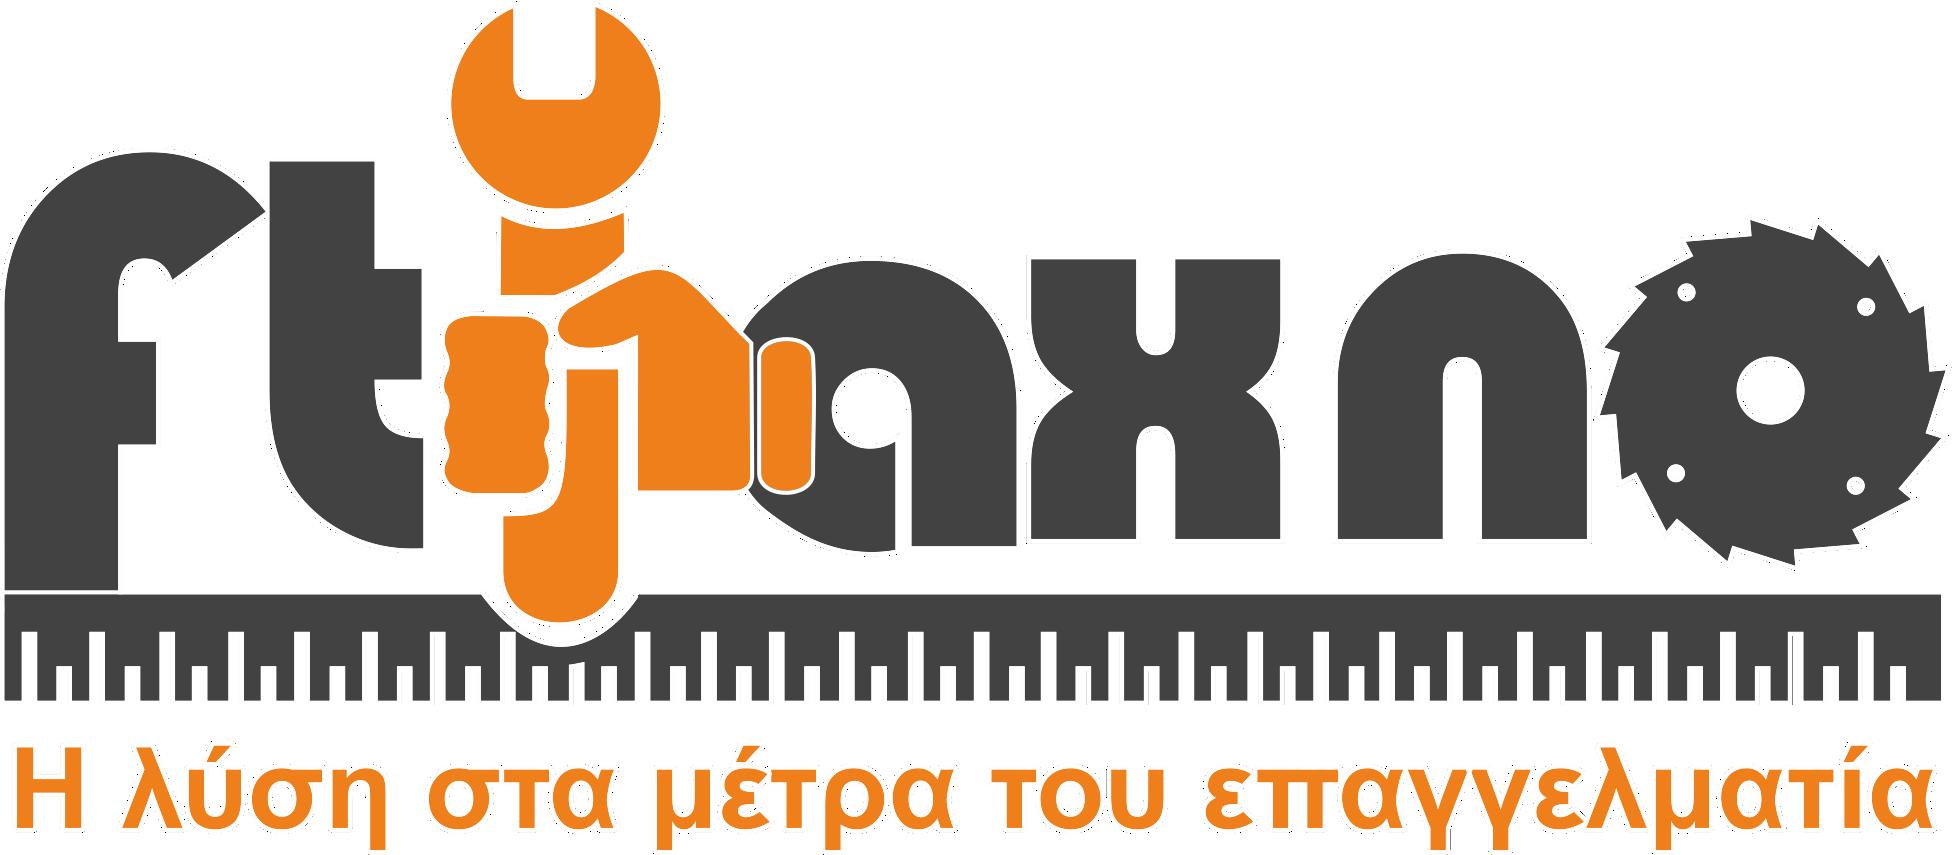 Ftiaxno.com